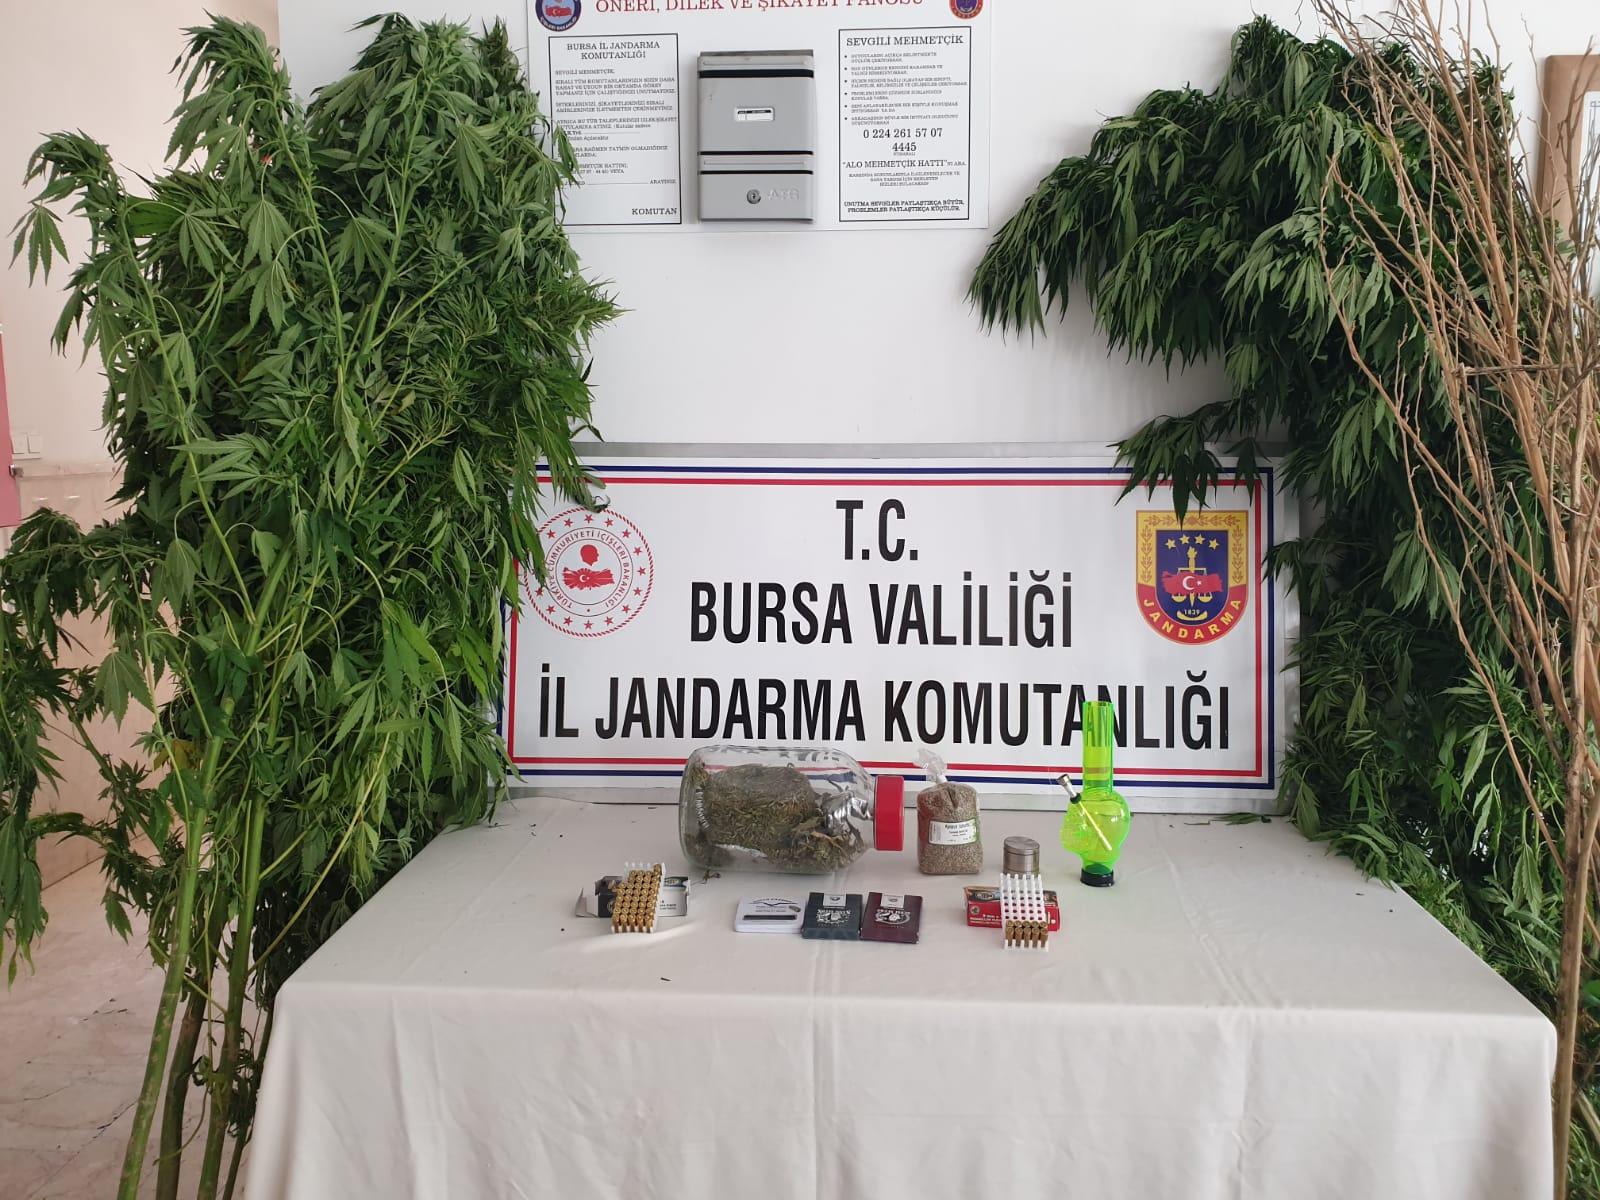 Jandarma'dan Orhangazi'de Uyuşturucuya Bir Darbe Daha!